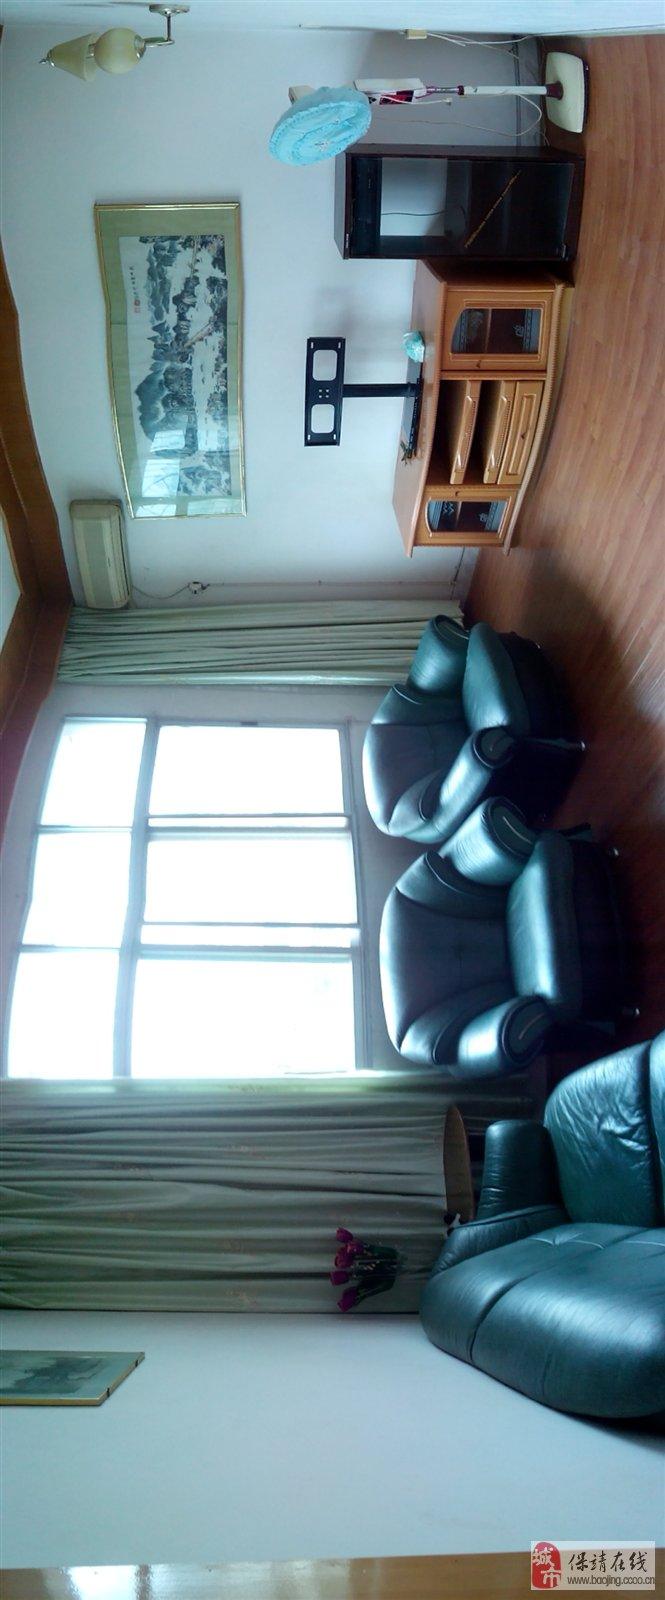 保靖县原公安局宿舍三室两厅一套出租